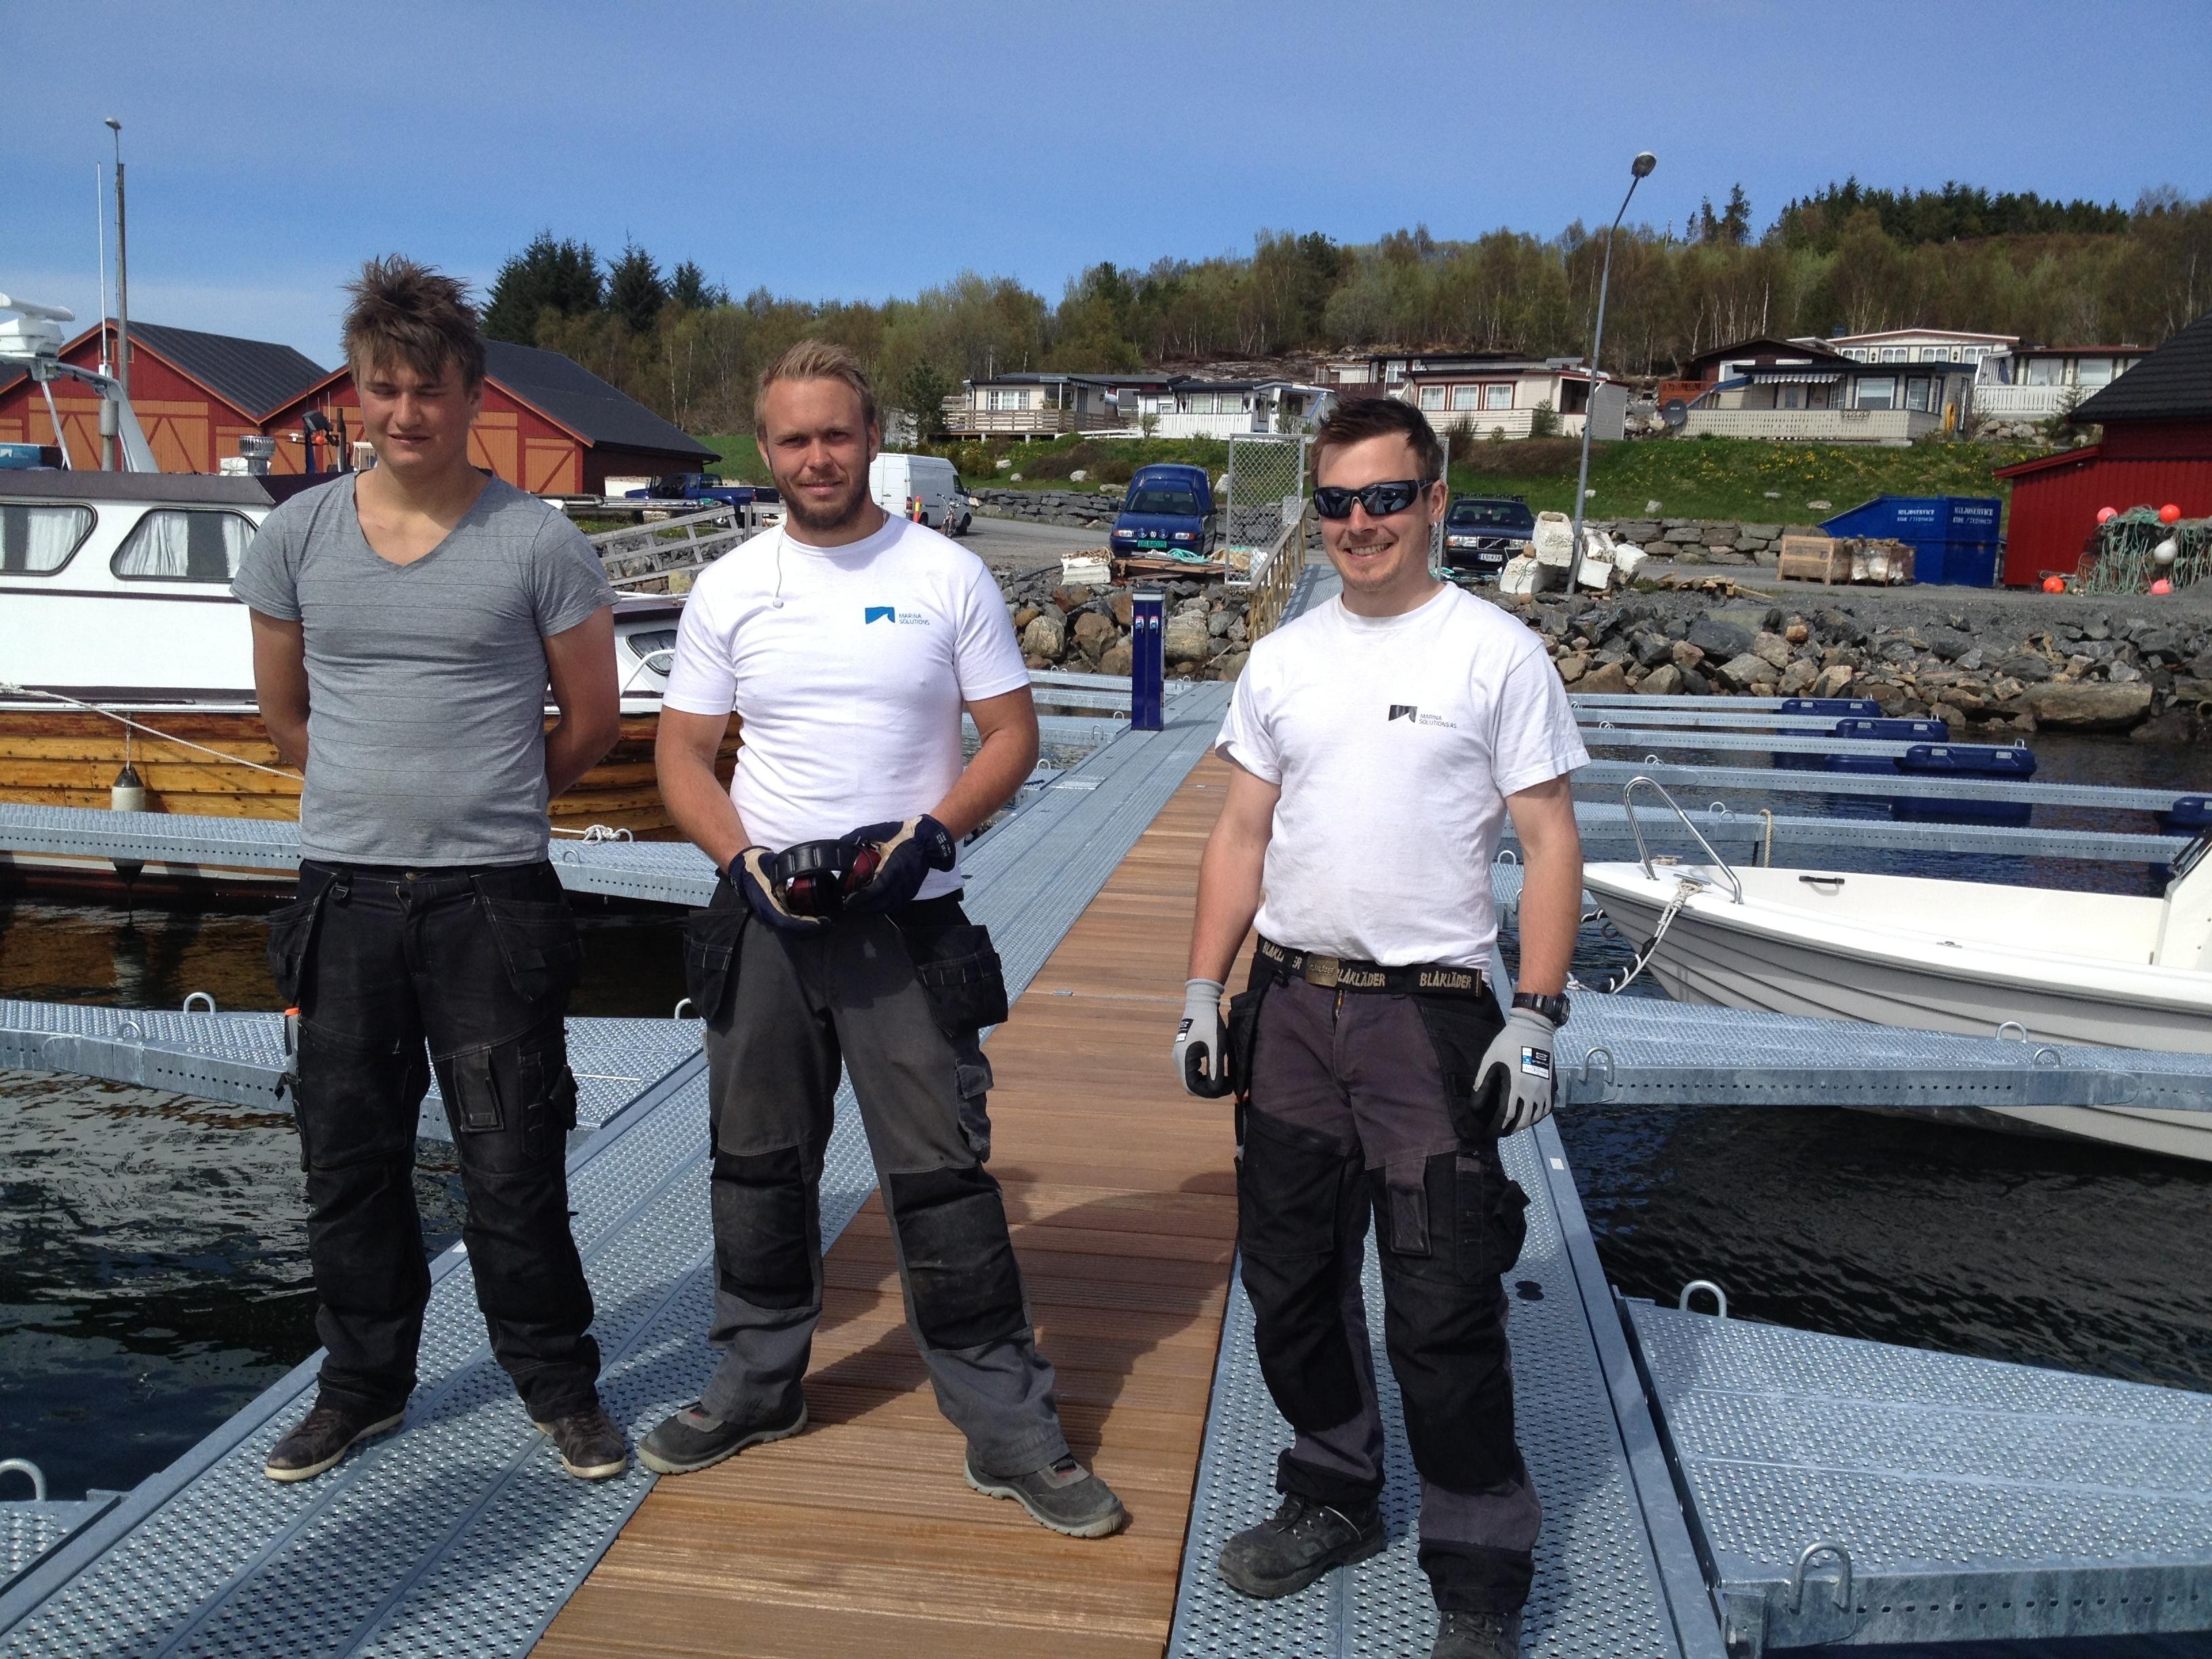 https://marinasolutions.no/uploads/Tornes-Småbåthavn_Montører.JPG